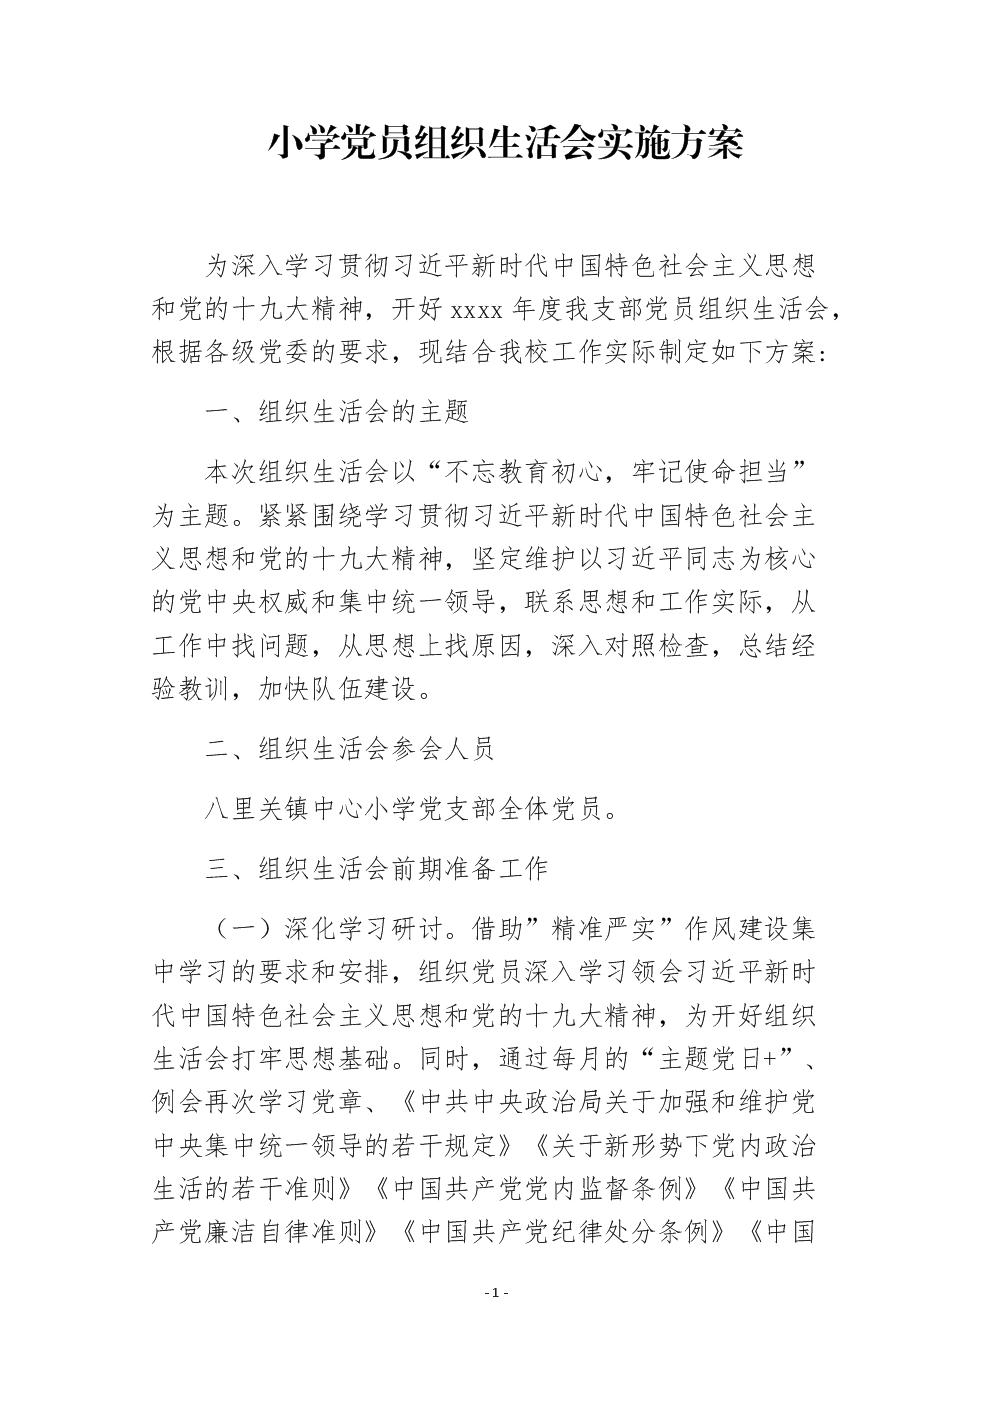 党支部2019年度组织生活会工作方案范文.docx